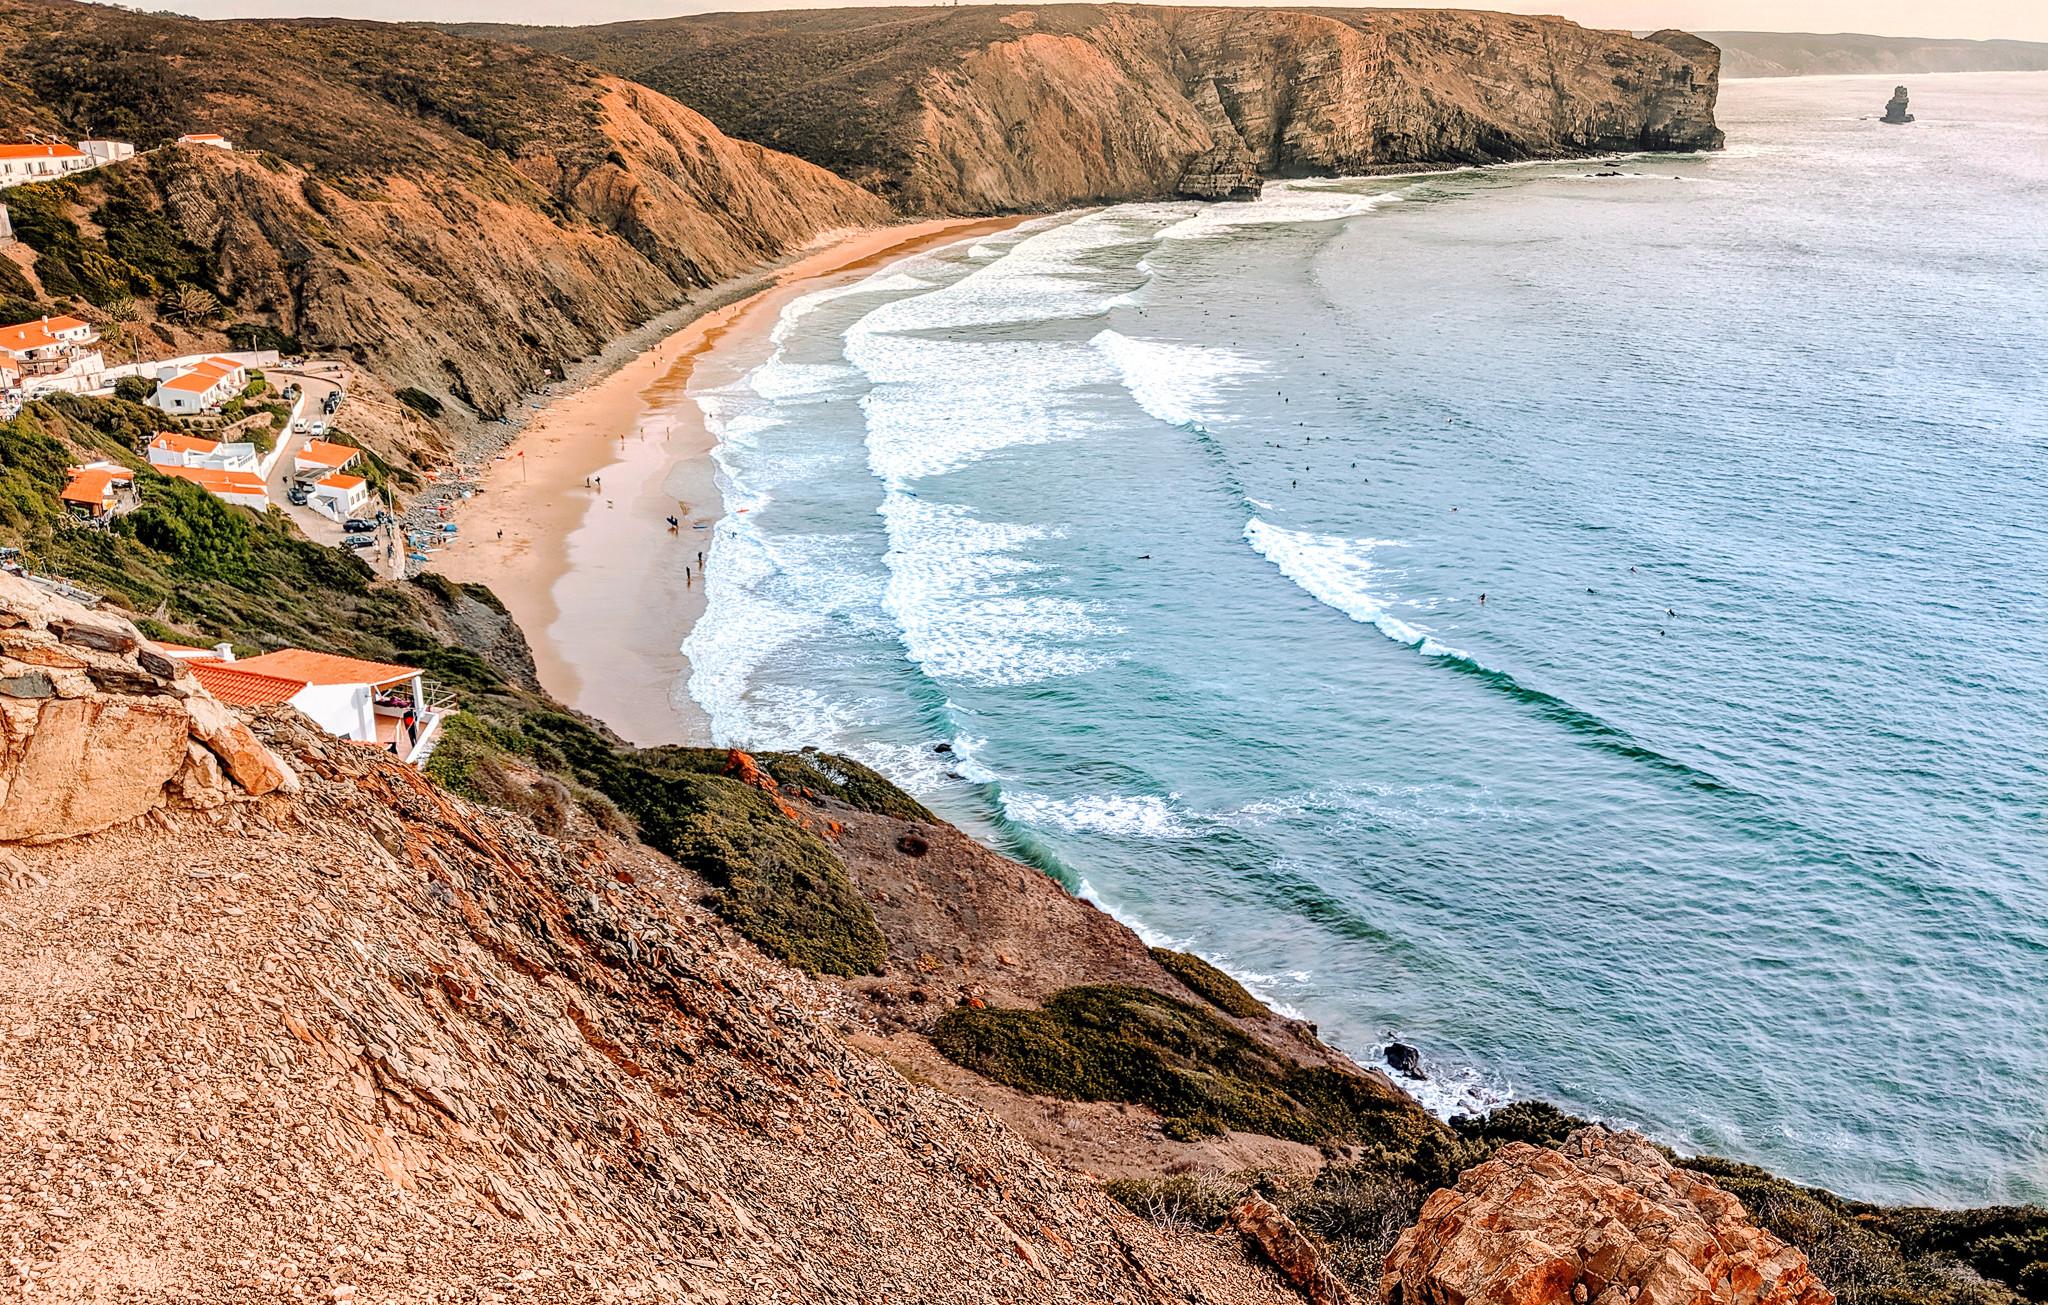 Praia do Arrifana Beach Waves